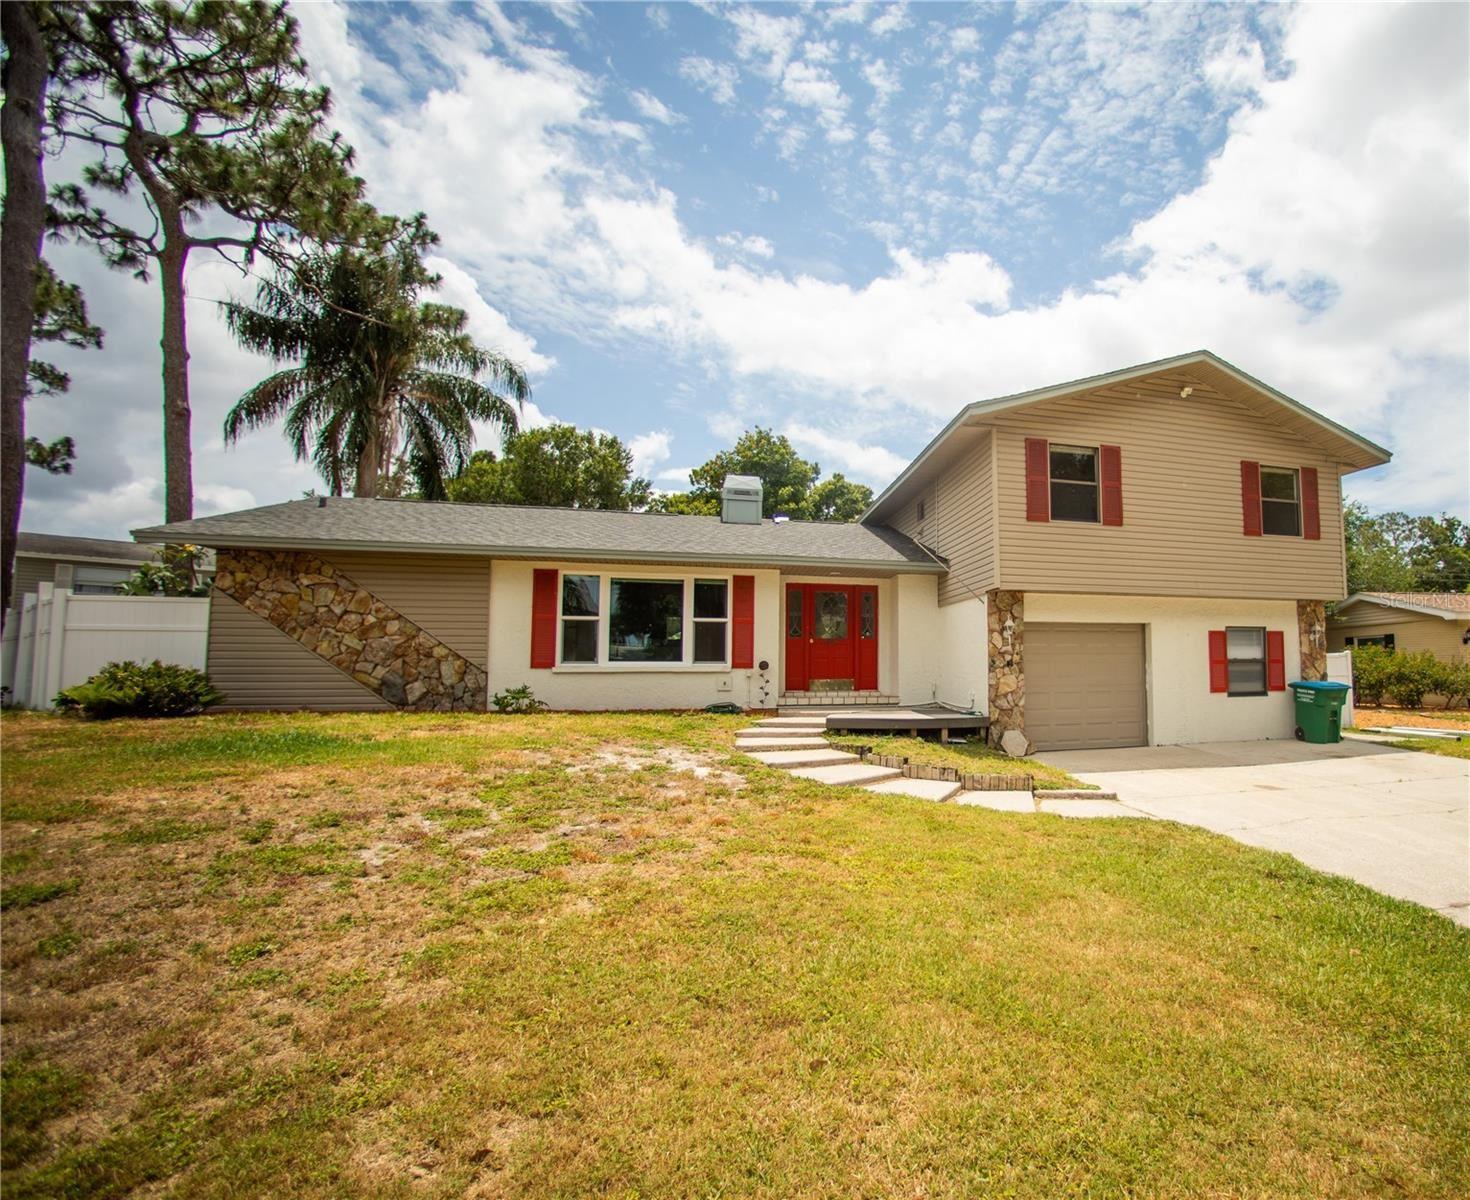 1334 EASTFIELD DRIVE, Clearwater, FL 33764 - #: U8125284